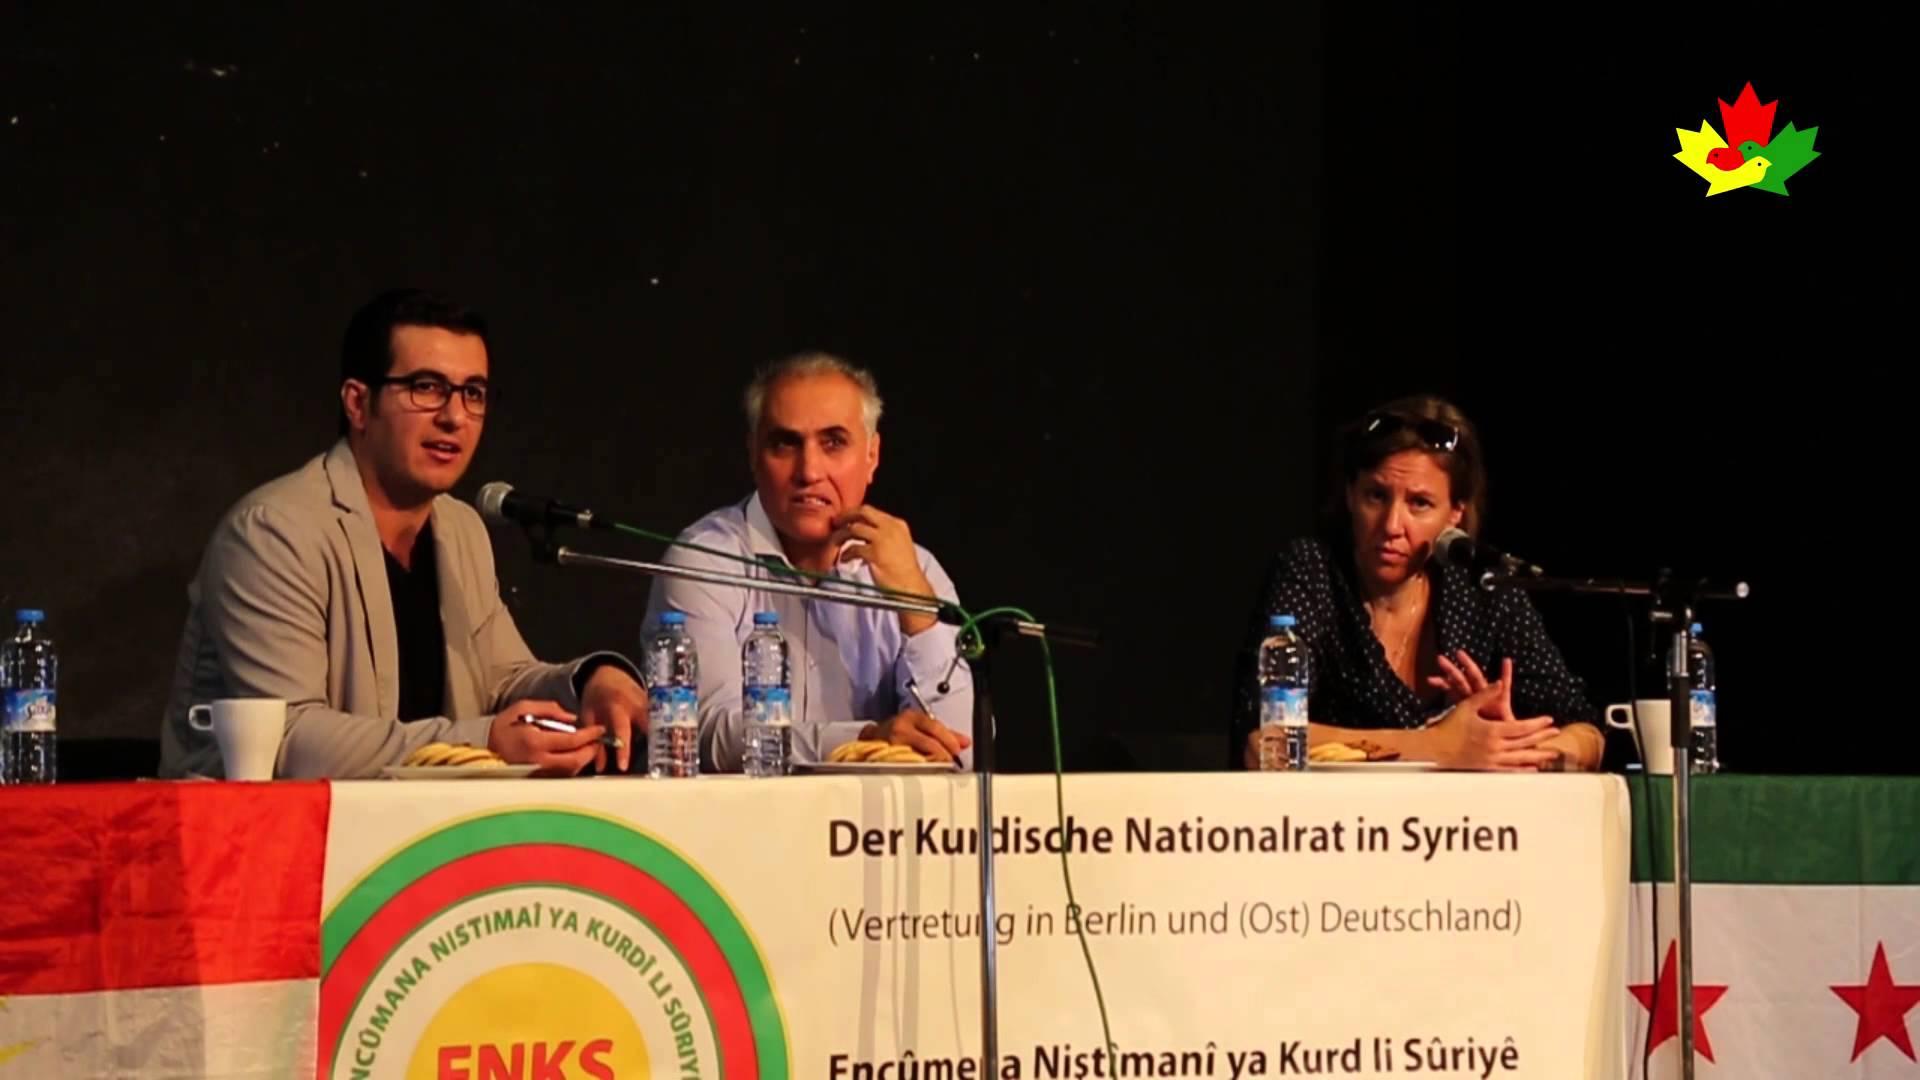 المجلس الوطني الكردي (ارشيف)